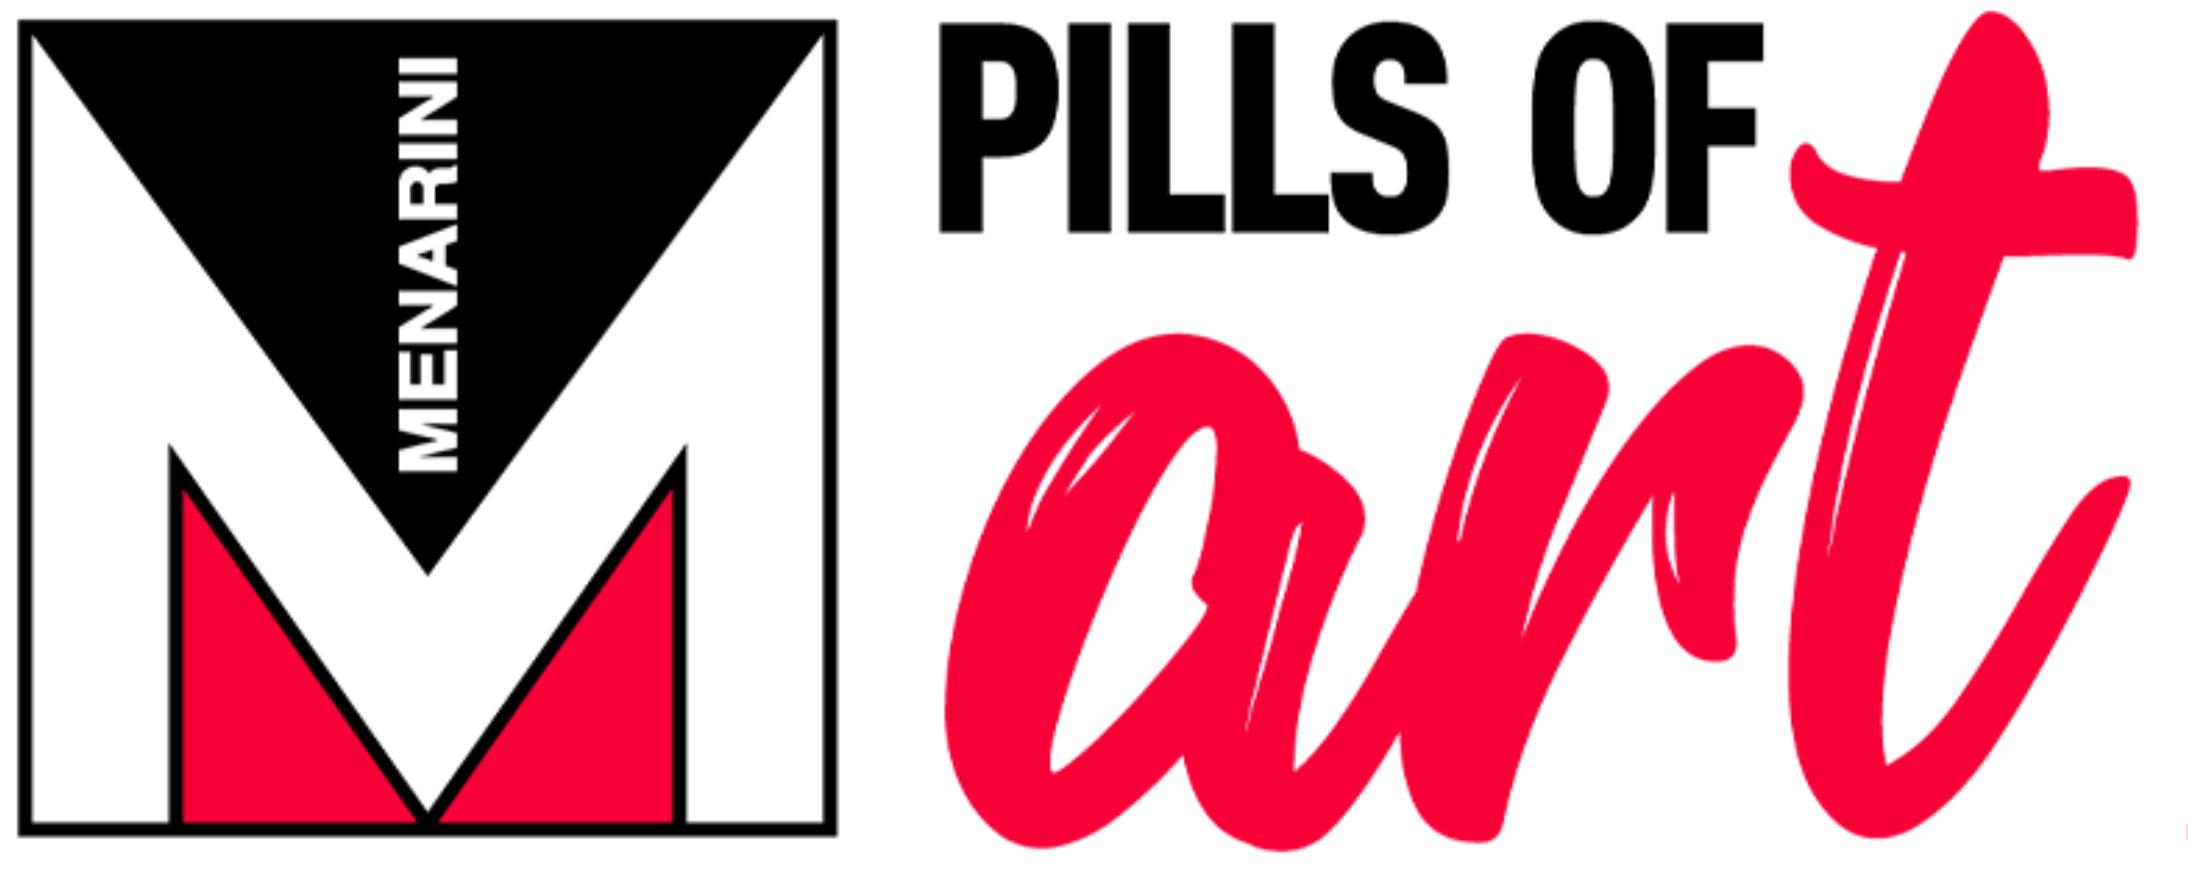 Al via le Menarini Pills of Art Junior, le video pillole di arte realizzate dai ragazzi per i ragazzi